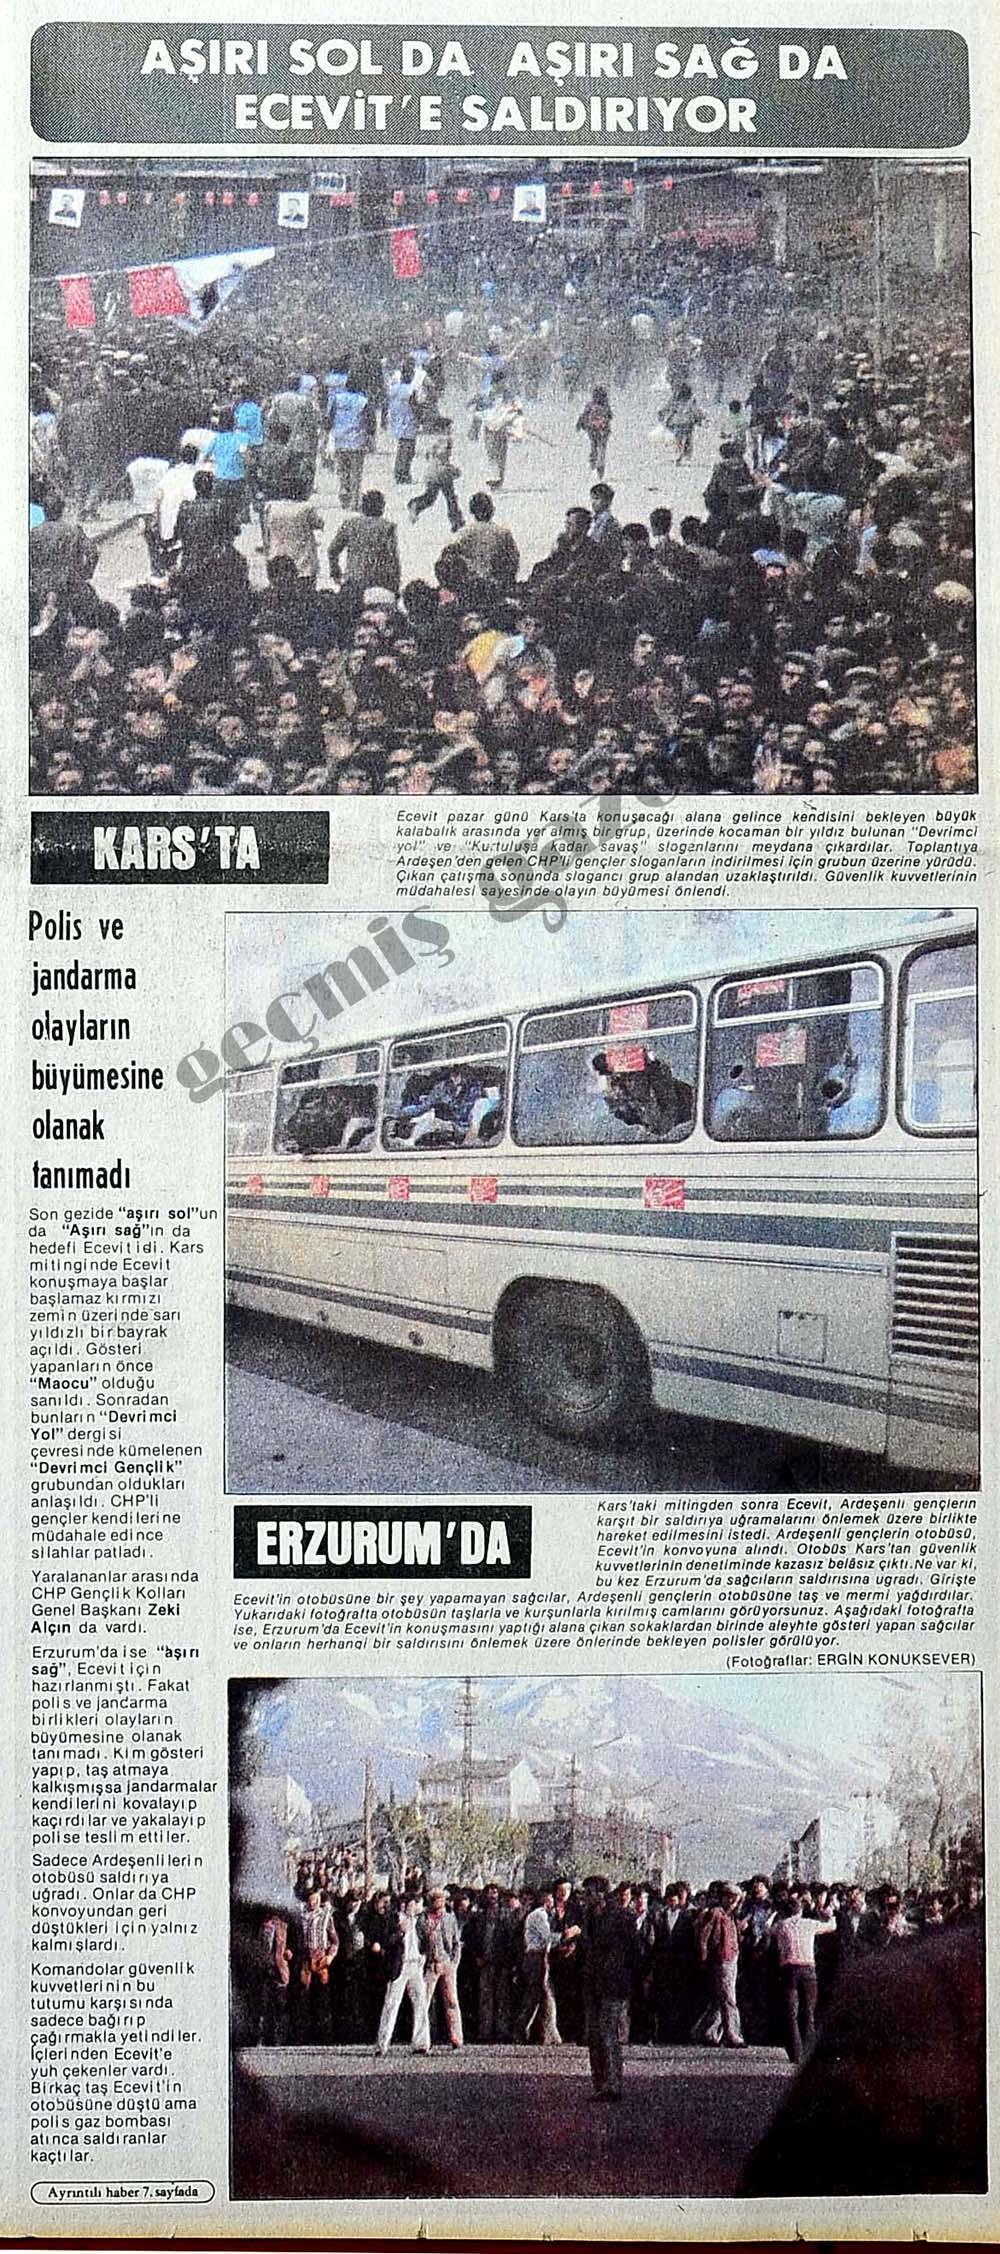 Aşırı Sol da Aşırı Sağ da Ecevit'e saldırıyor